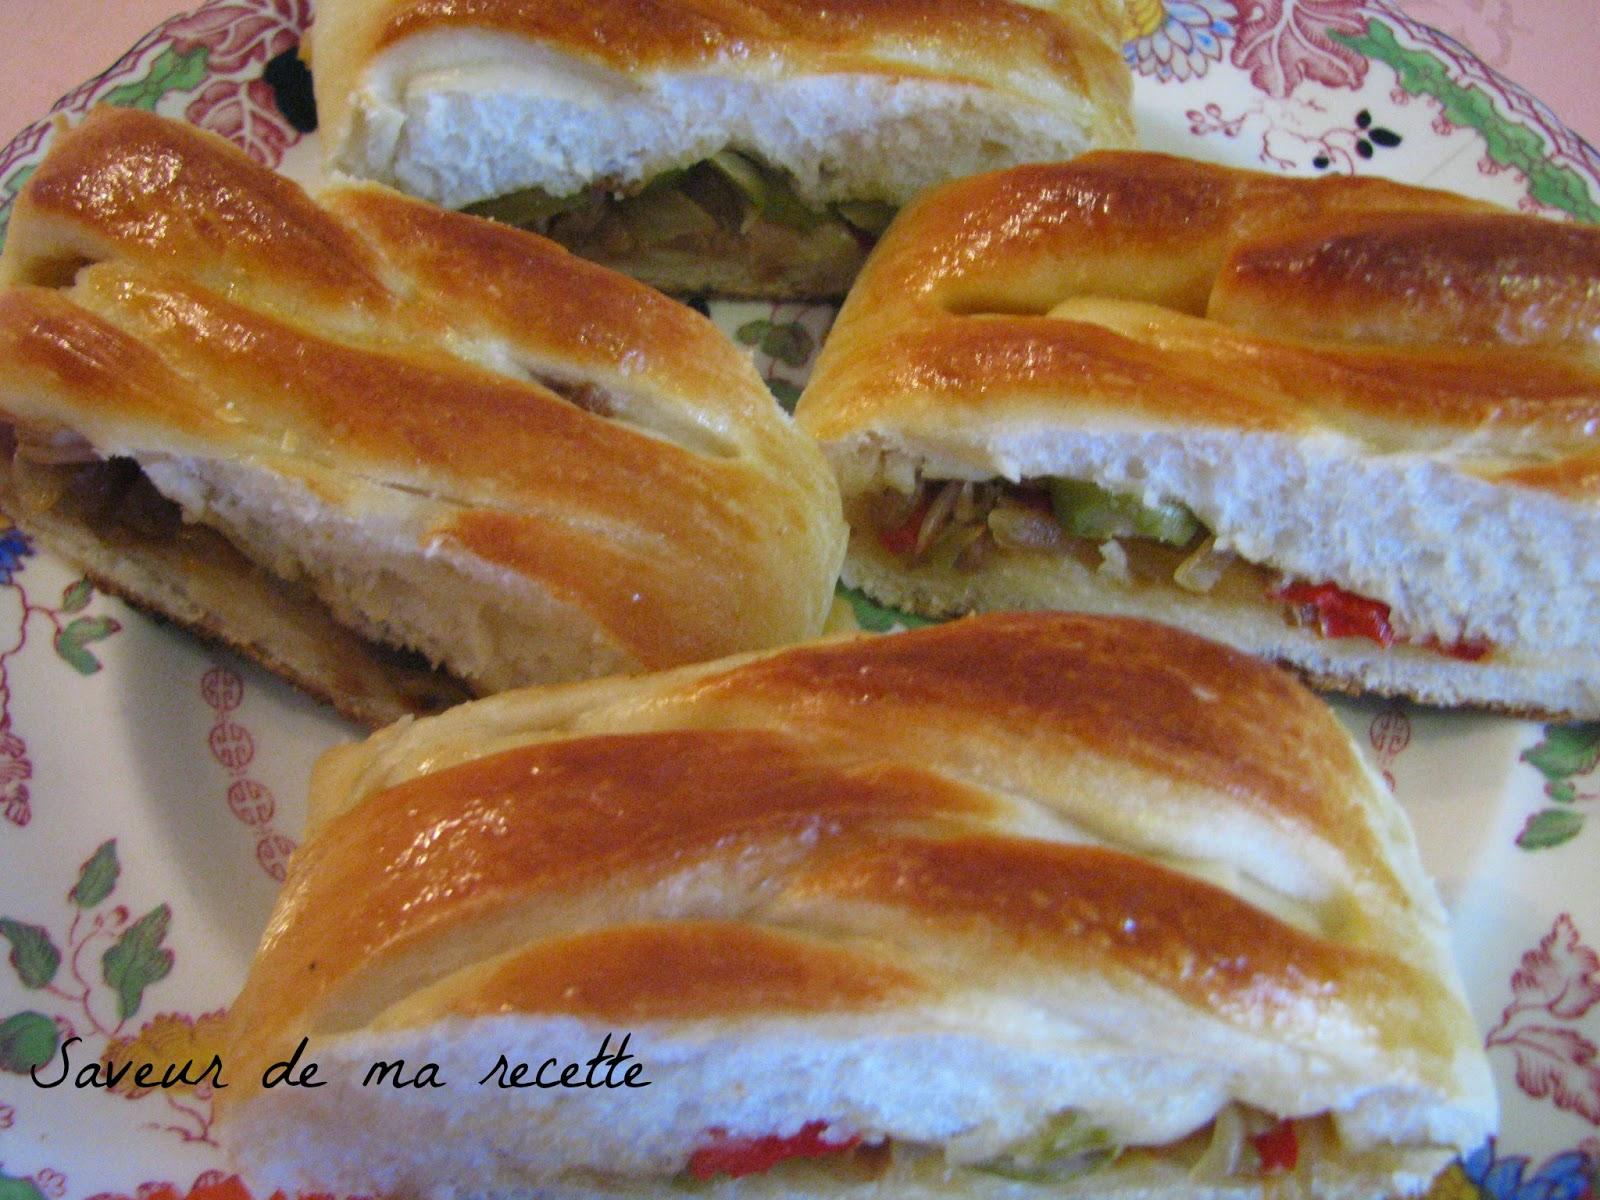 Saveur de ma recette pain farci au thon et poivron - Recette pain sans levure ...